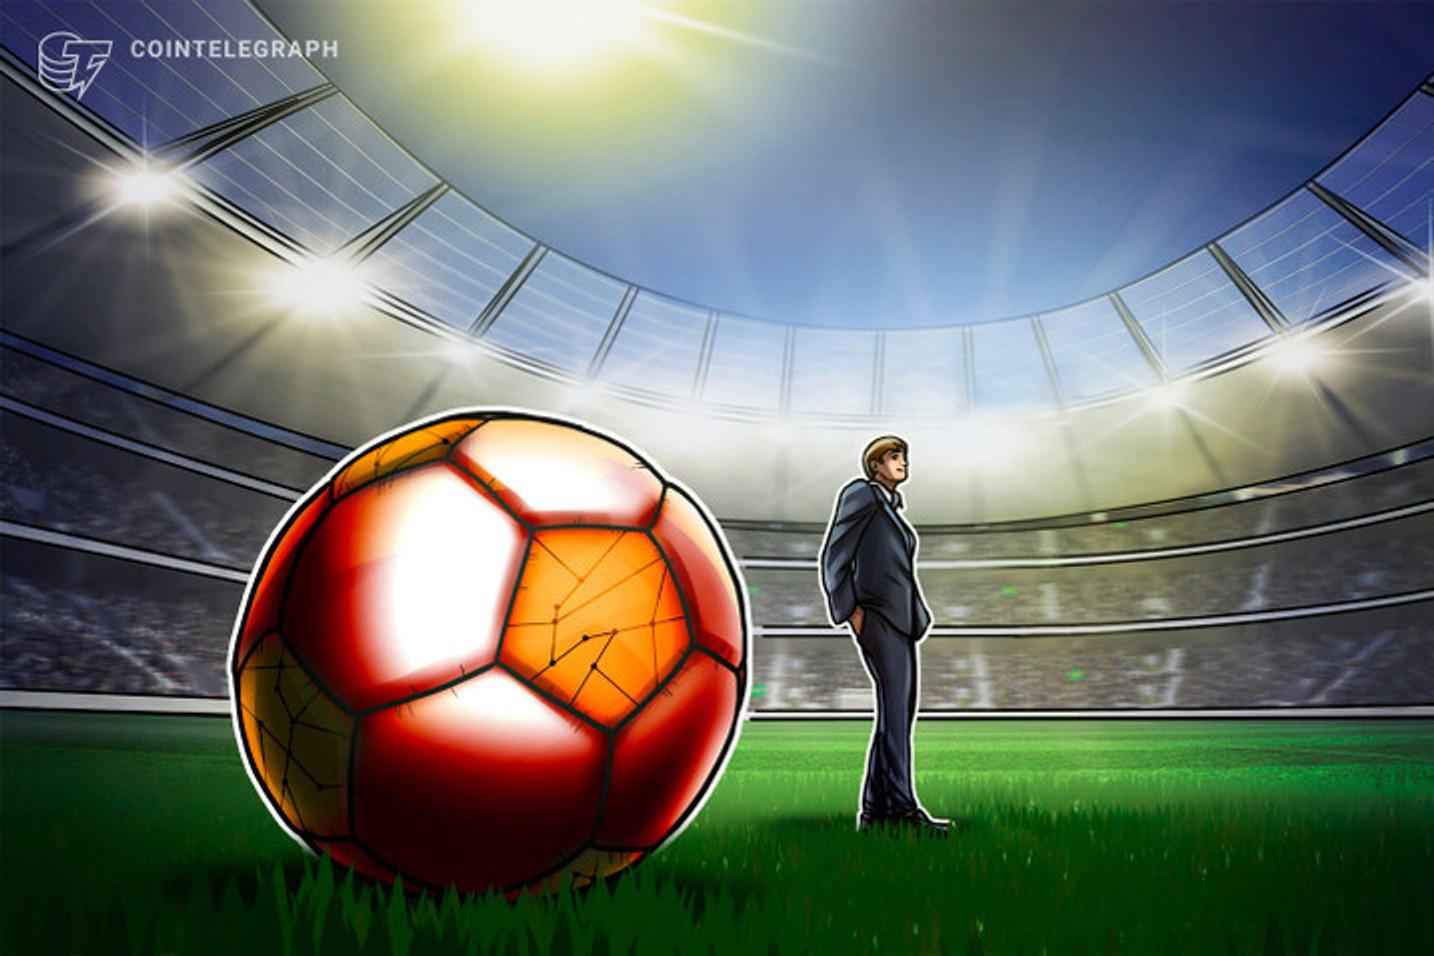 Asociación de Fútbol Argentino llega a acuerdo con Chiliz y campeonato llevará el nombre de Torneo Socios.com